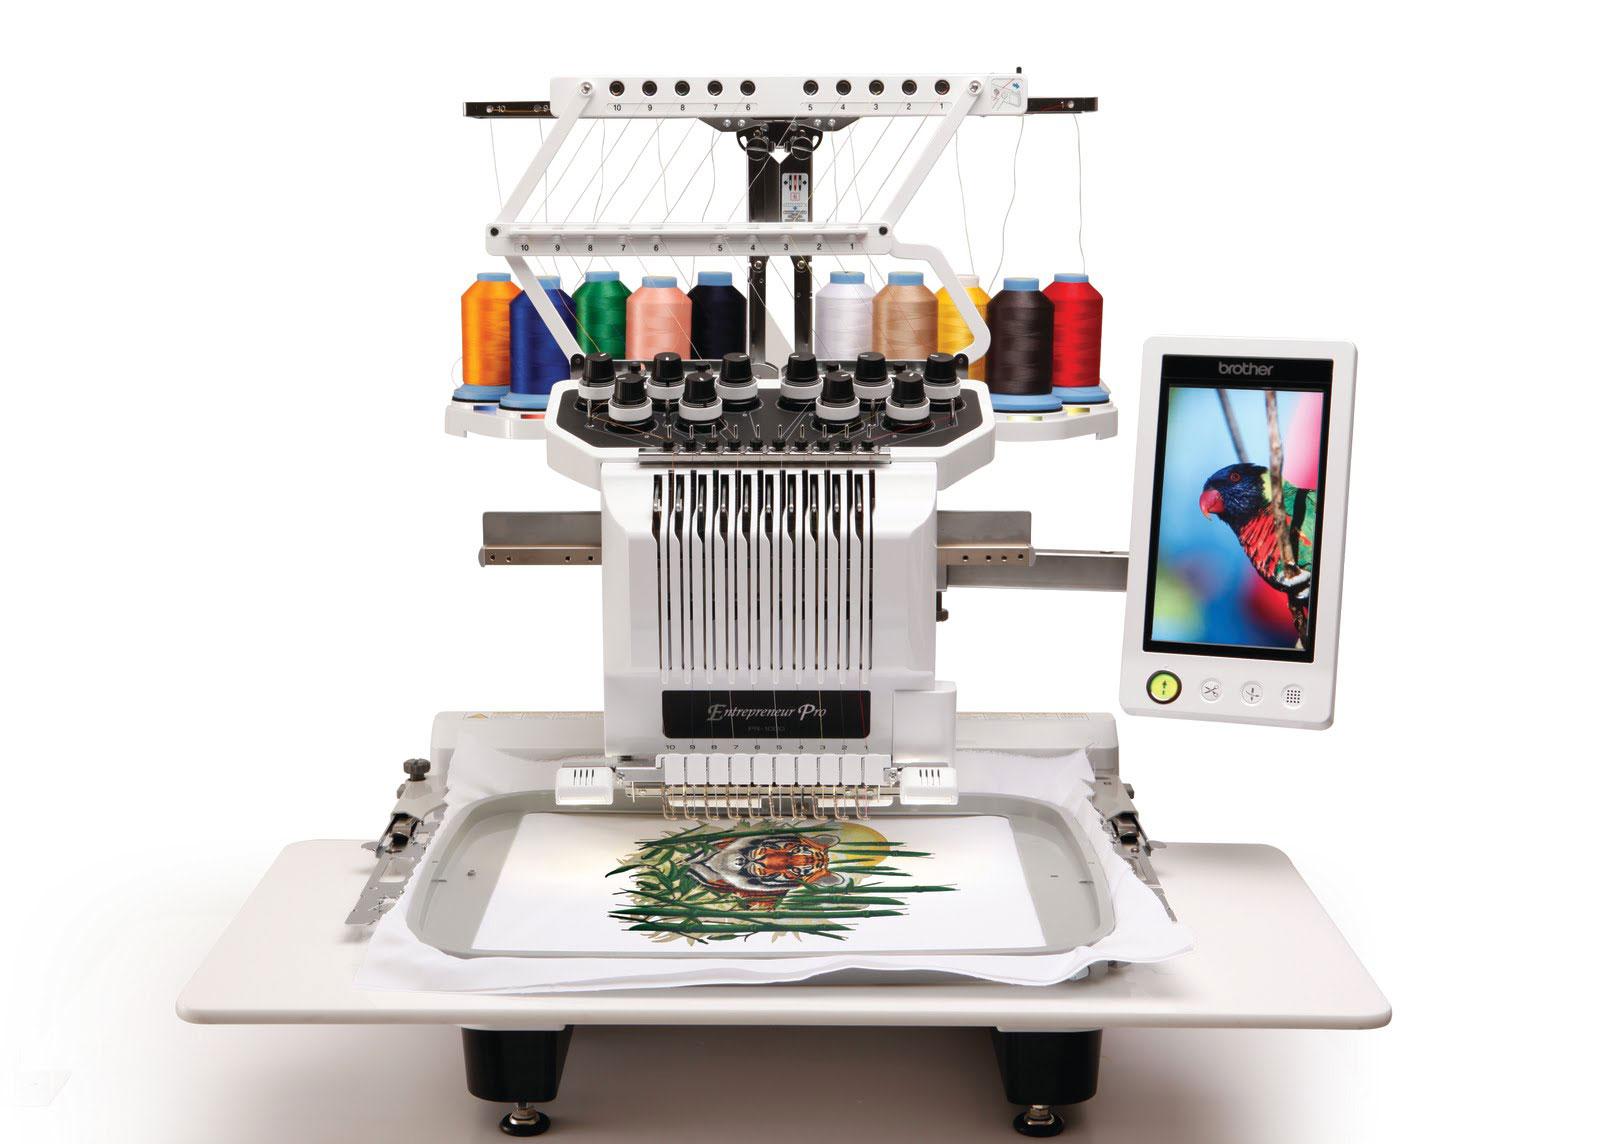 Вышивальная машина Brother PR-1000eШвейные машины<br>PR-1000e - это идеальная машина для совершенствования Вашего вышивального бизнеса. Она включает в себя множество новых функций, которые в комплексе способствуют повышению производительности. Вышивальная машина PR-1000e предлагает 10 игл для использования более широкого ассортимента цветов ниток, очень большую область для вышивания, видеокамеру для позиционирования и технологичный, простой в использовании сенсорный дисплей со множеством функций, позволяющих редактировать и просматривать рисунки.<br><br>10 игл <br>Великолепные, многоцветные вышивки будут...<br><br>Тип: электронная<br>Тип челнока: вертикальный (ротационный)<br>Дисплей: есть<br>Нитевдеватель: есть<br>Автоматический обрезатель нити: есть<br>Скорость вышивания, стежков/мин : 1000<br>Число встроенных рисунков вышивания : 110<br>Число встроенных алфавитов вышивания  : 28